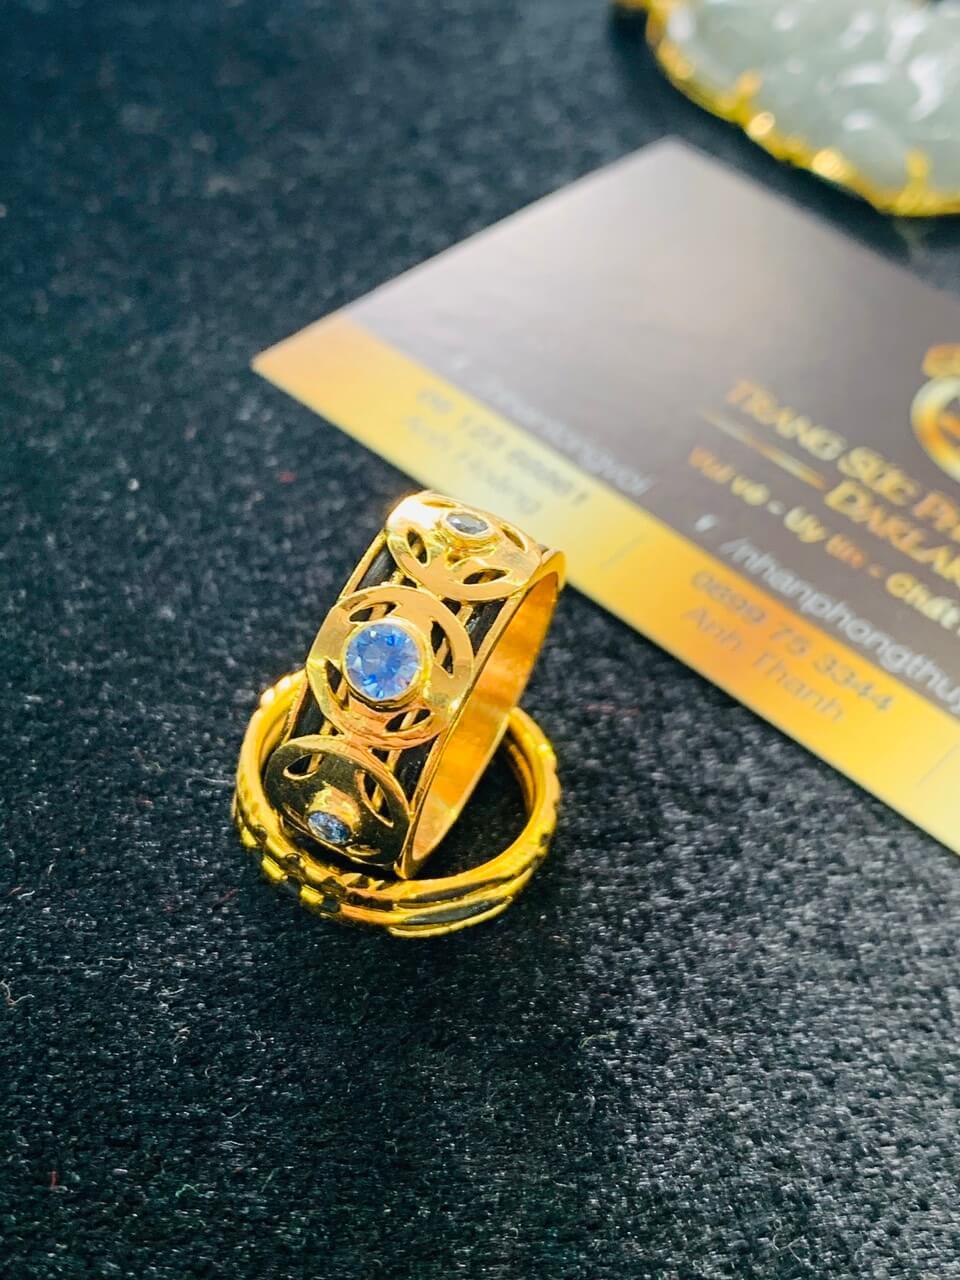 Nhẫn ĐỒNG TIỀN đính đá Cz xanh dương hợp mệnh Thủy - Mộc của Riogems